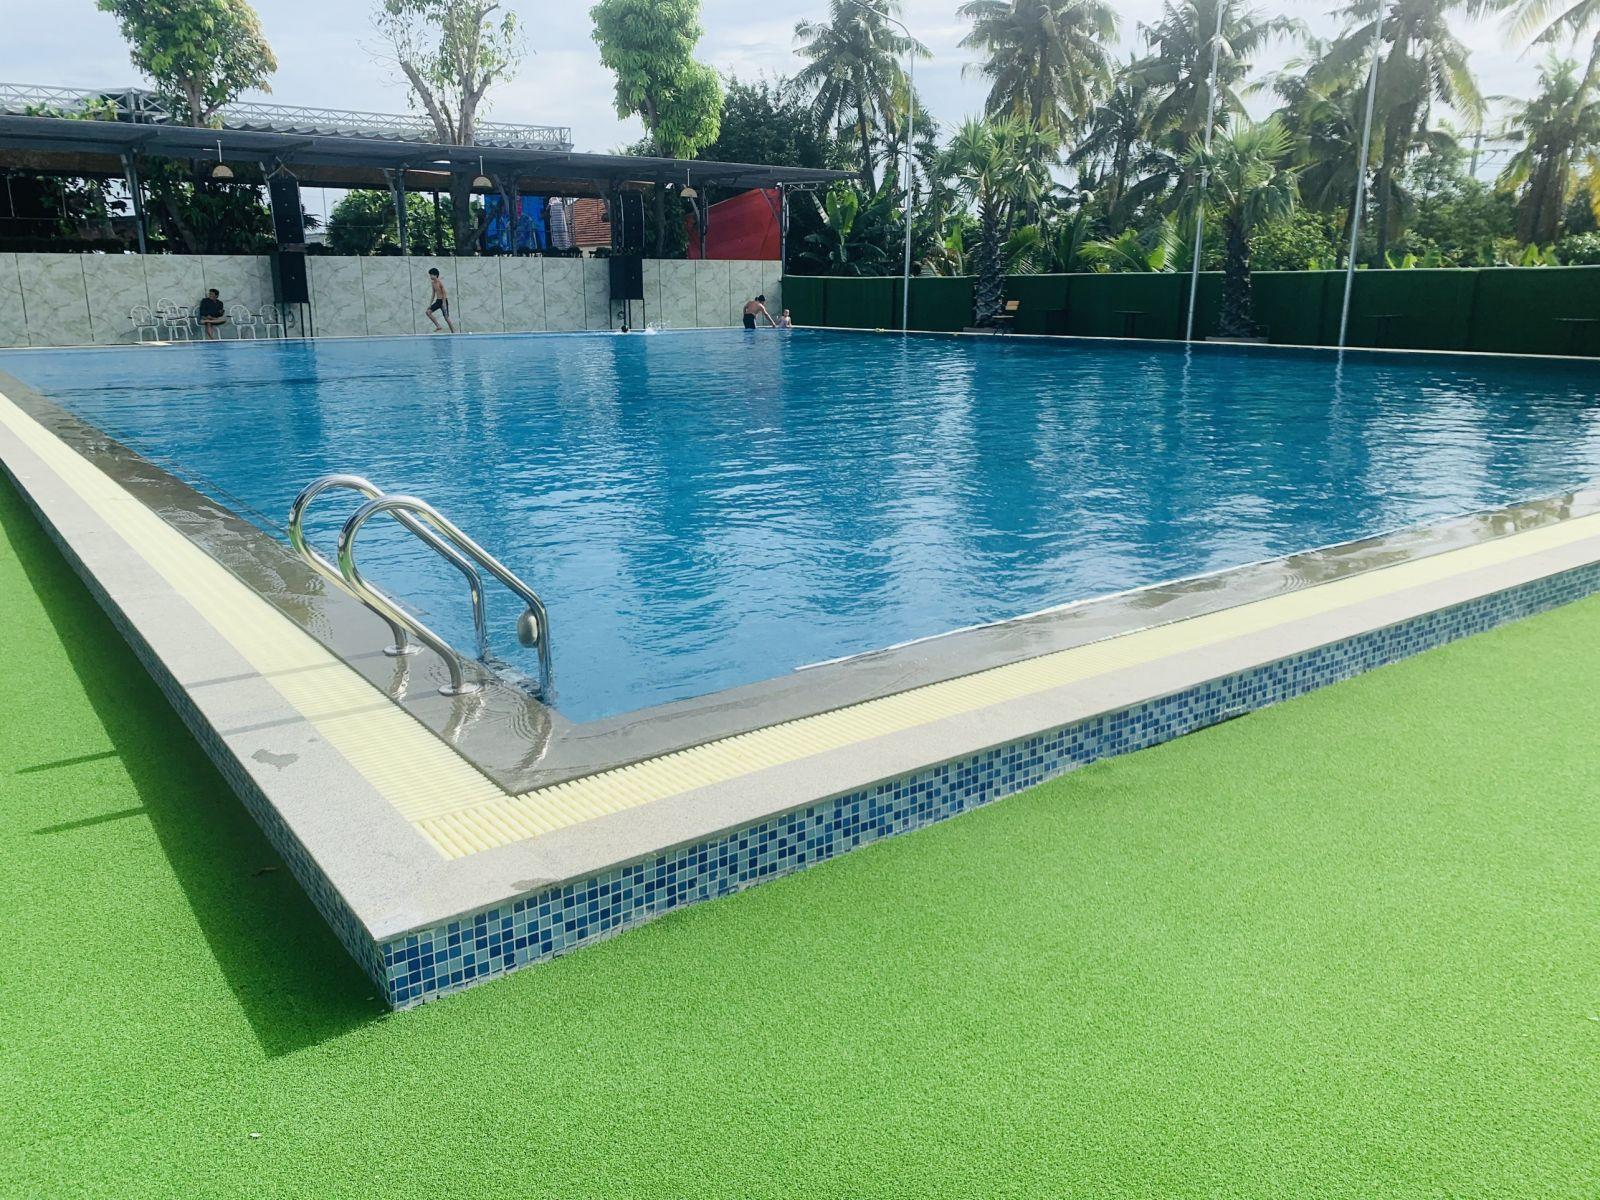 Hồ bơi khách sạn đại phú quận 12